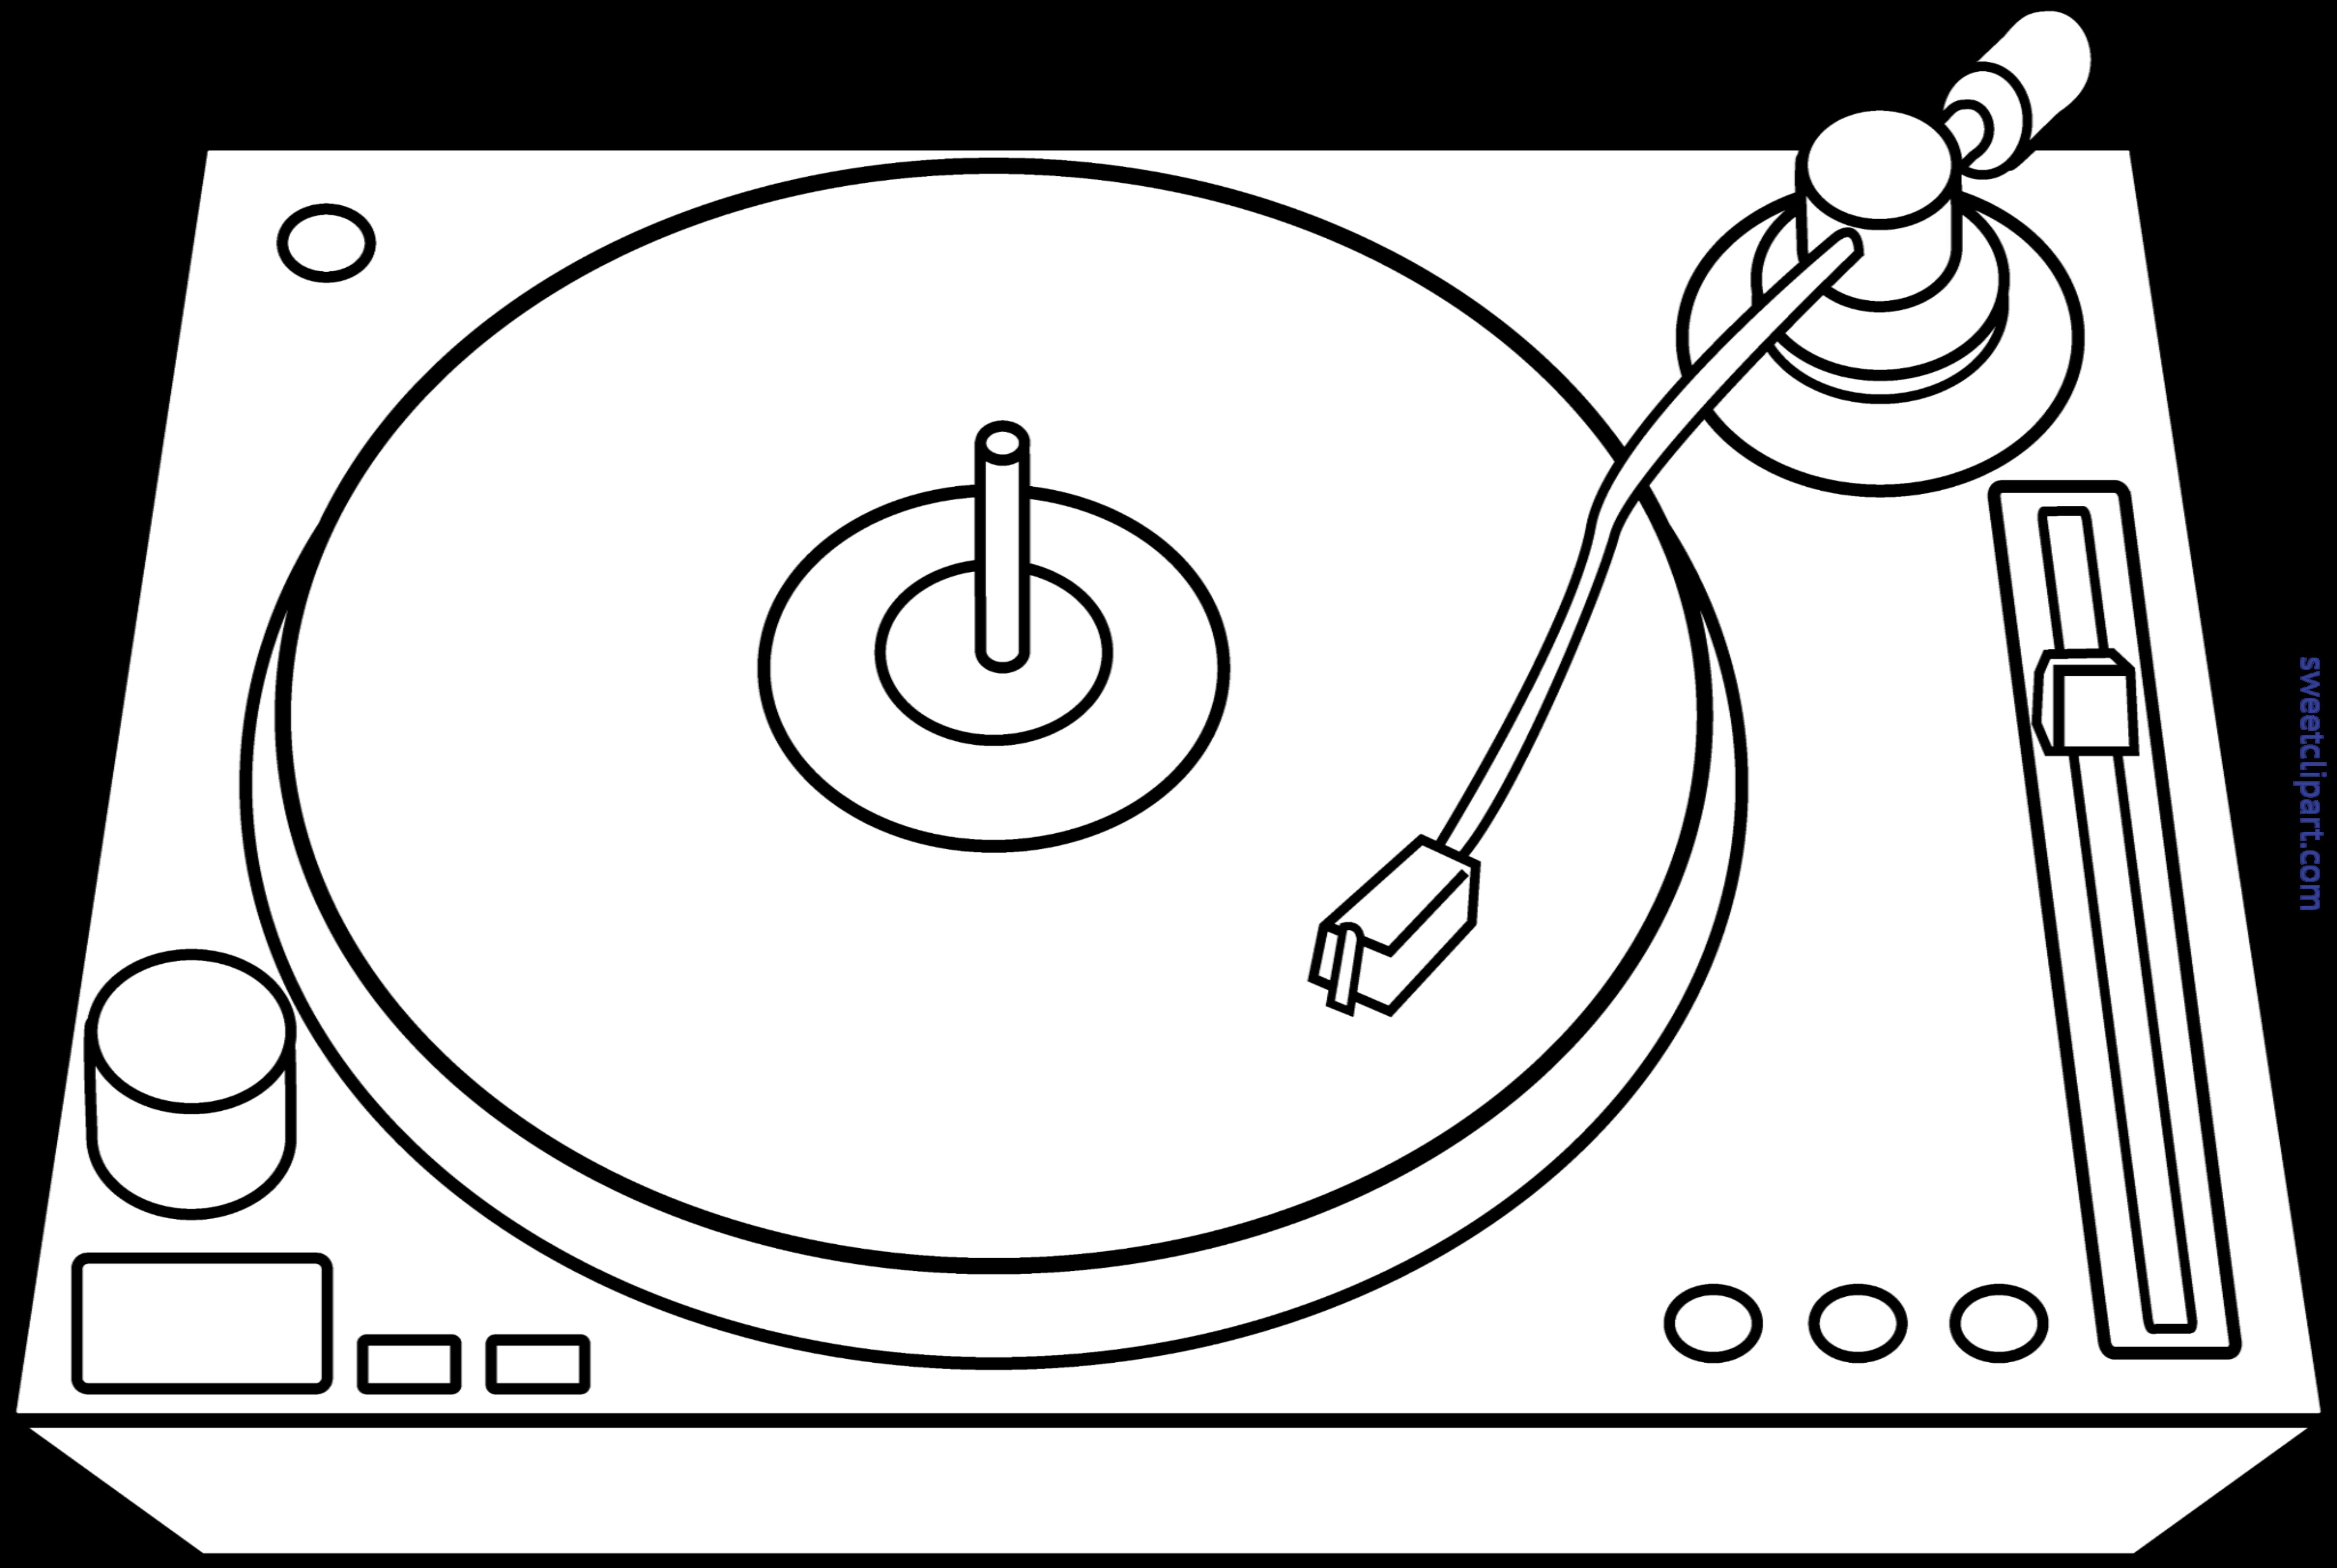 dj turntable lineart clip art sweet clip art rh m sweetclipart com DJ Turntables Graffiti Art DJ Clip Art